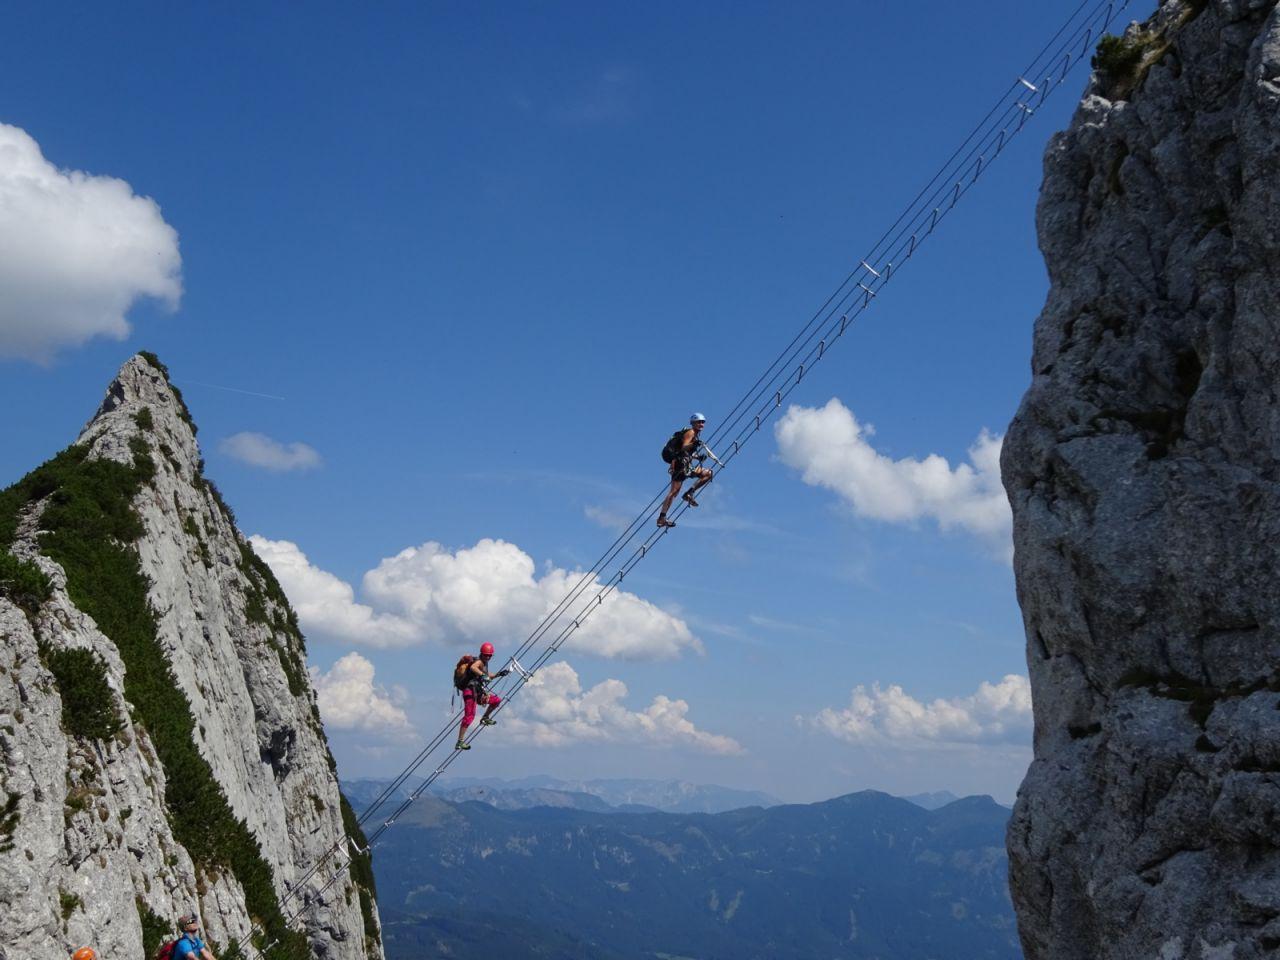 Klettersteig Intersport : Intersport klettersteig auf den großen donnerkogel m